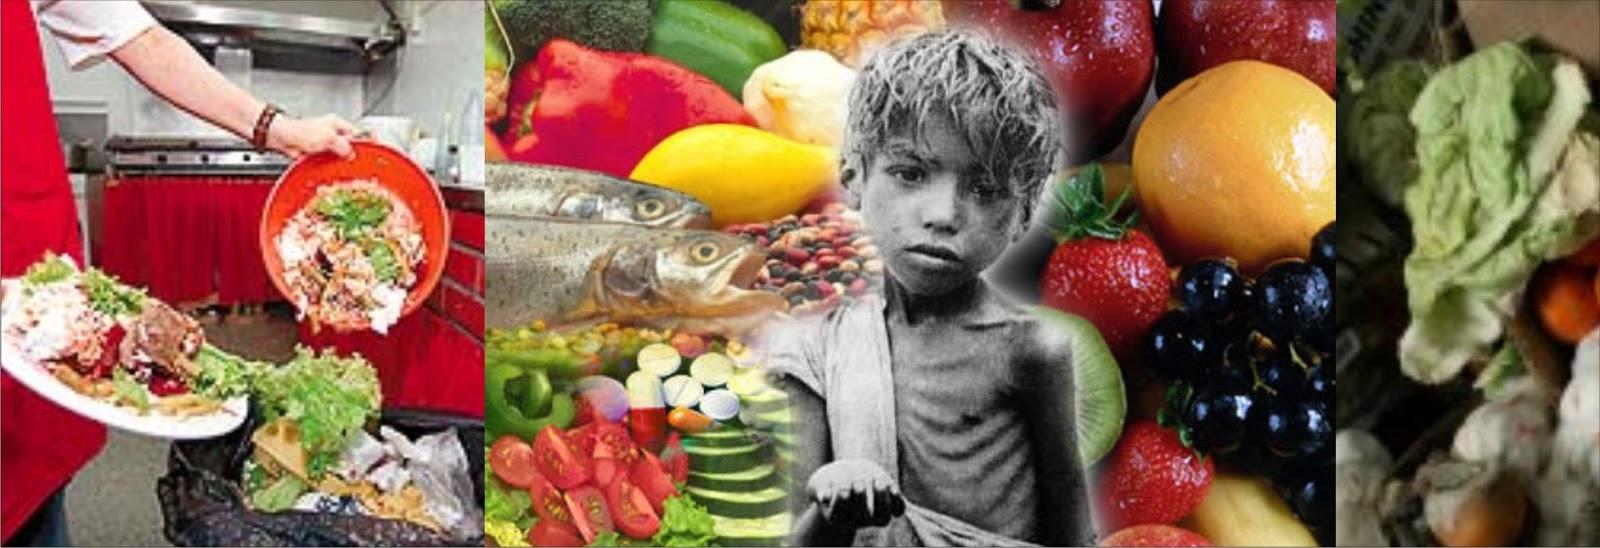 Frases Doação De Alimentos: Projeto AJO Ambiental: Desperdício De Comida No Mundo